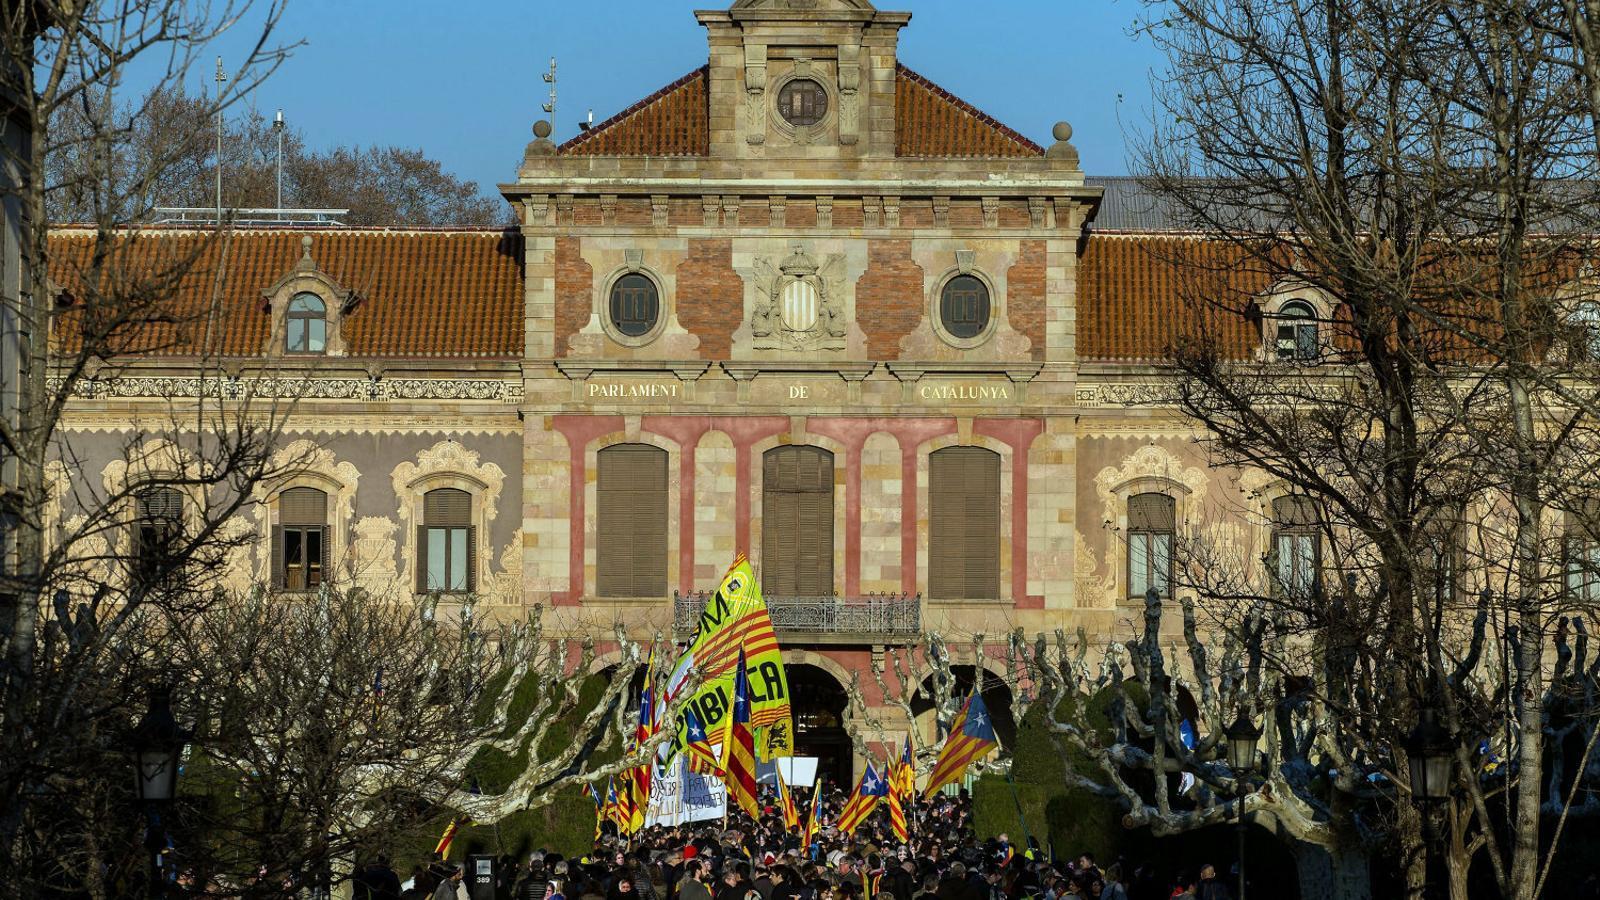 Encerclar el Parlament: la marxa alternativa de la Diada